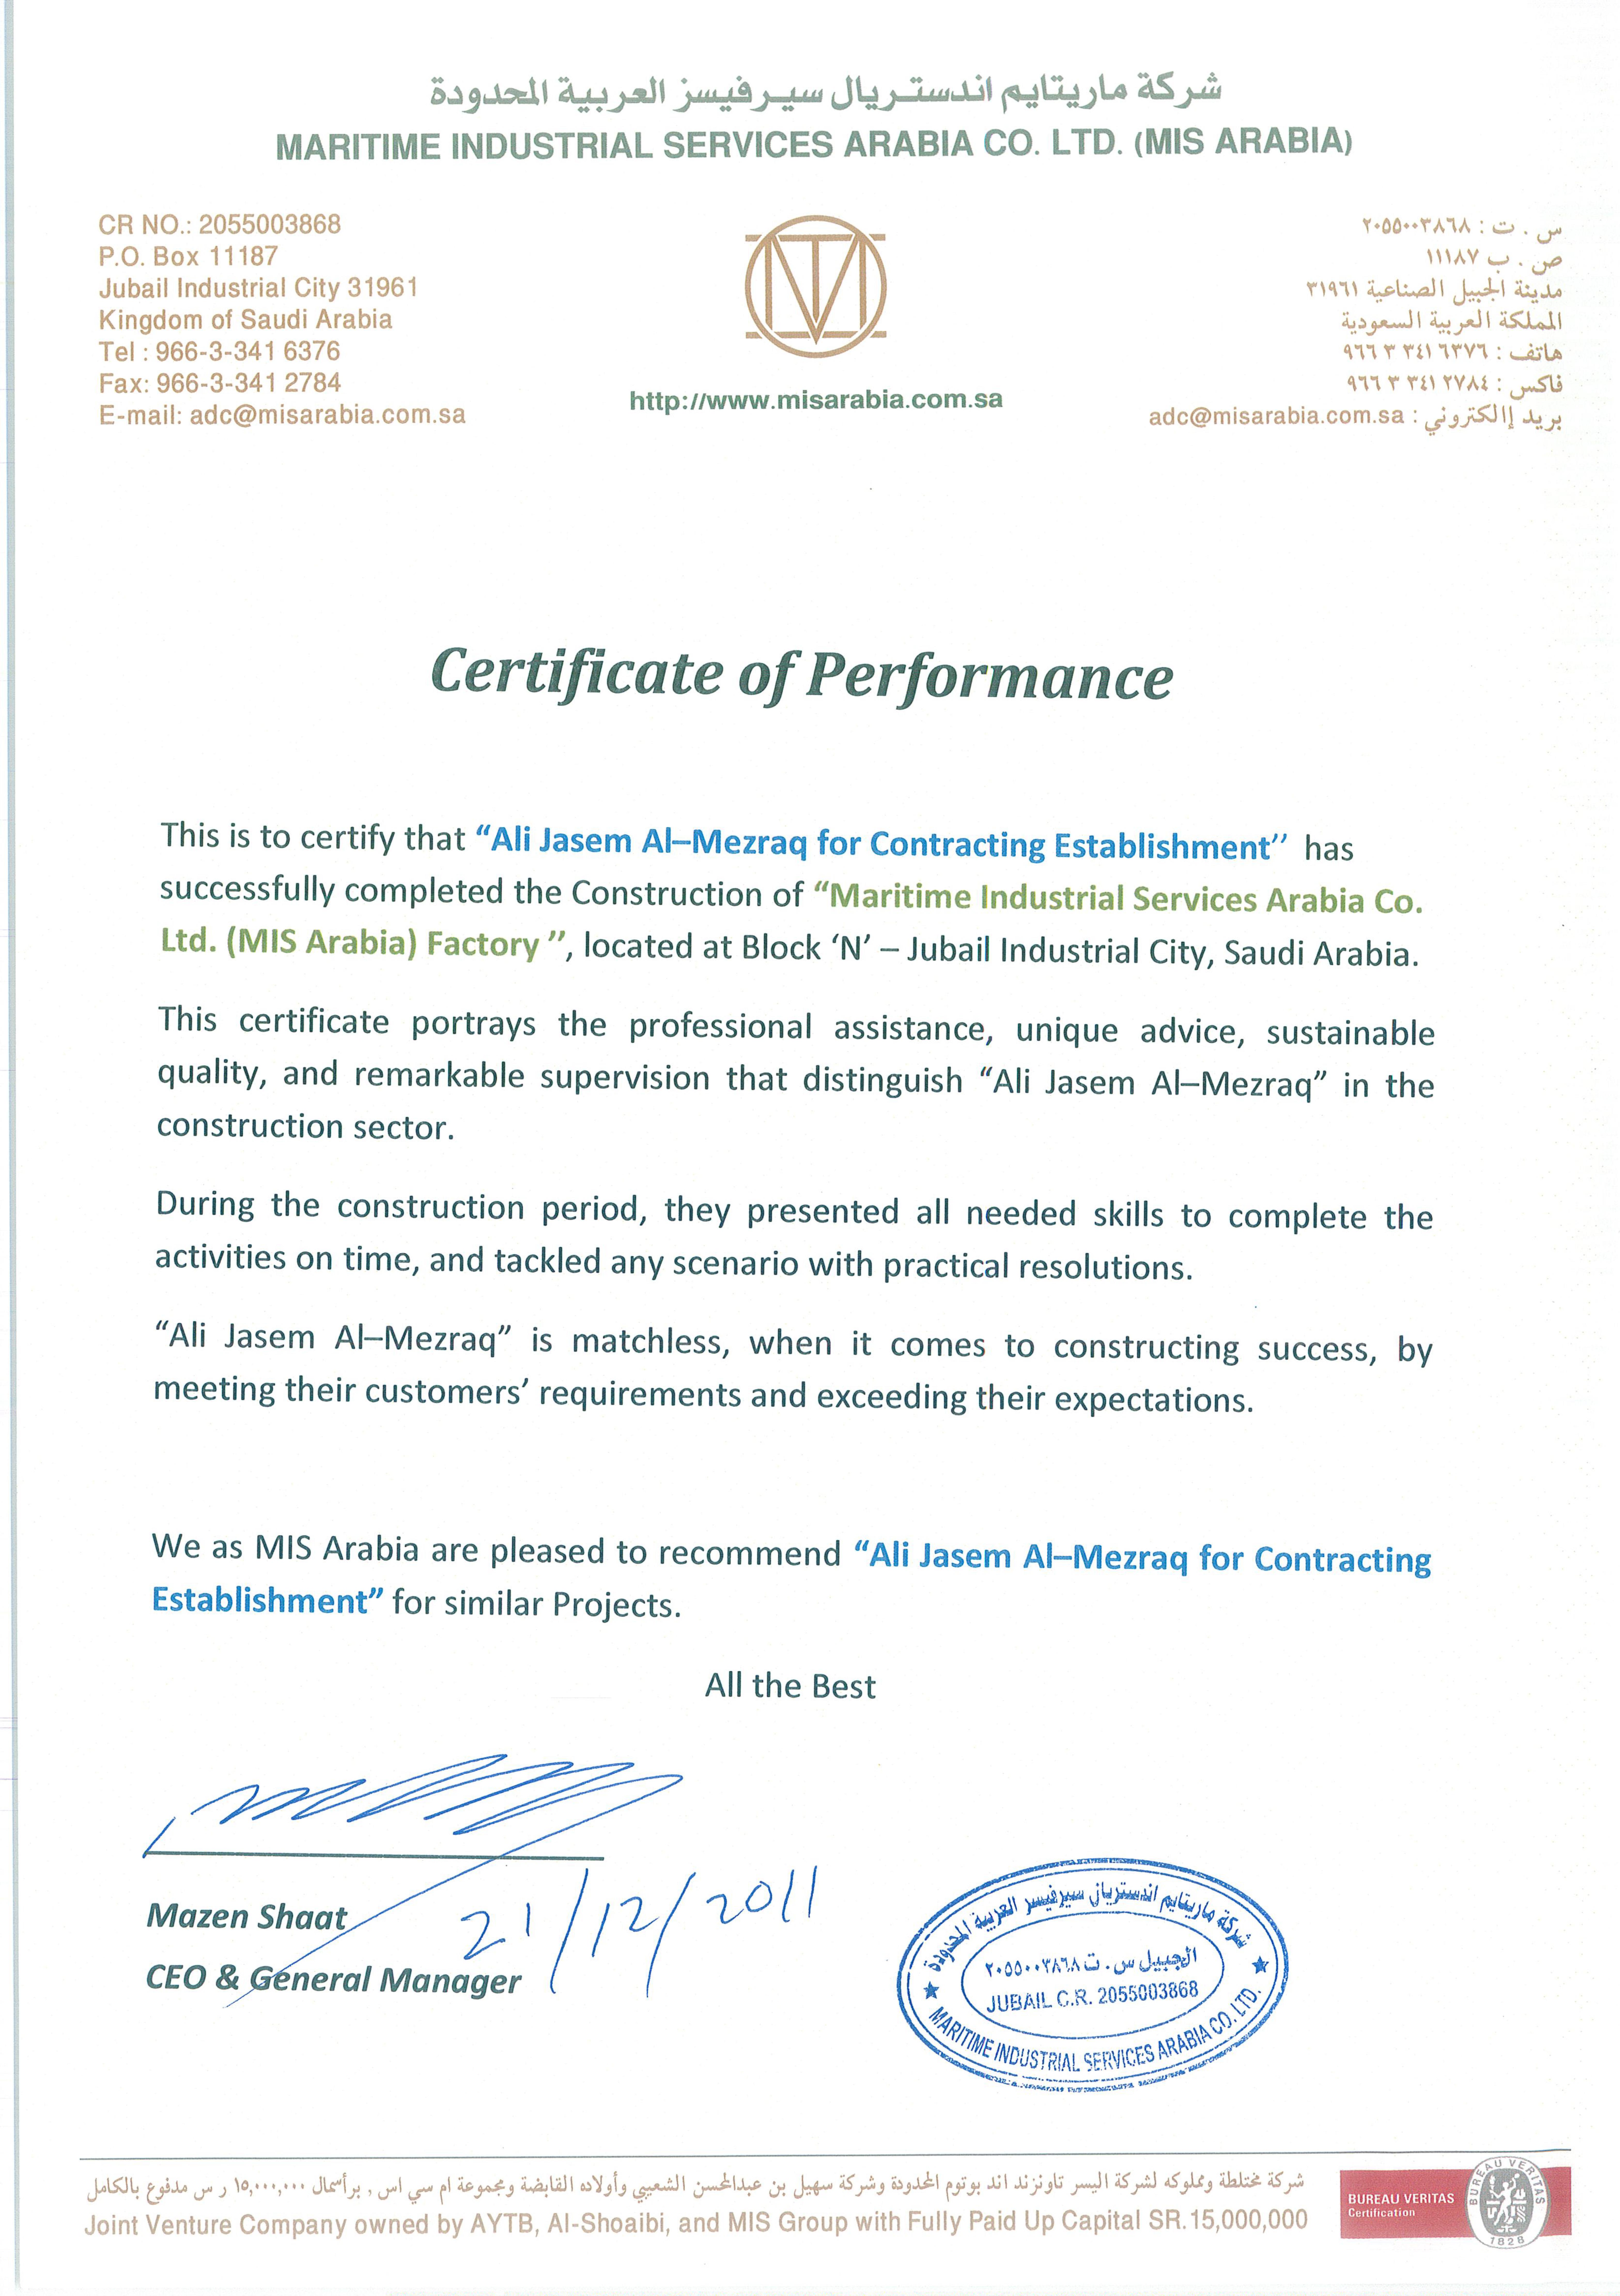 شركة مارتايم سيرفس العربية المحدودة